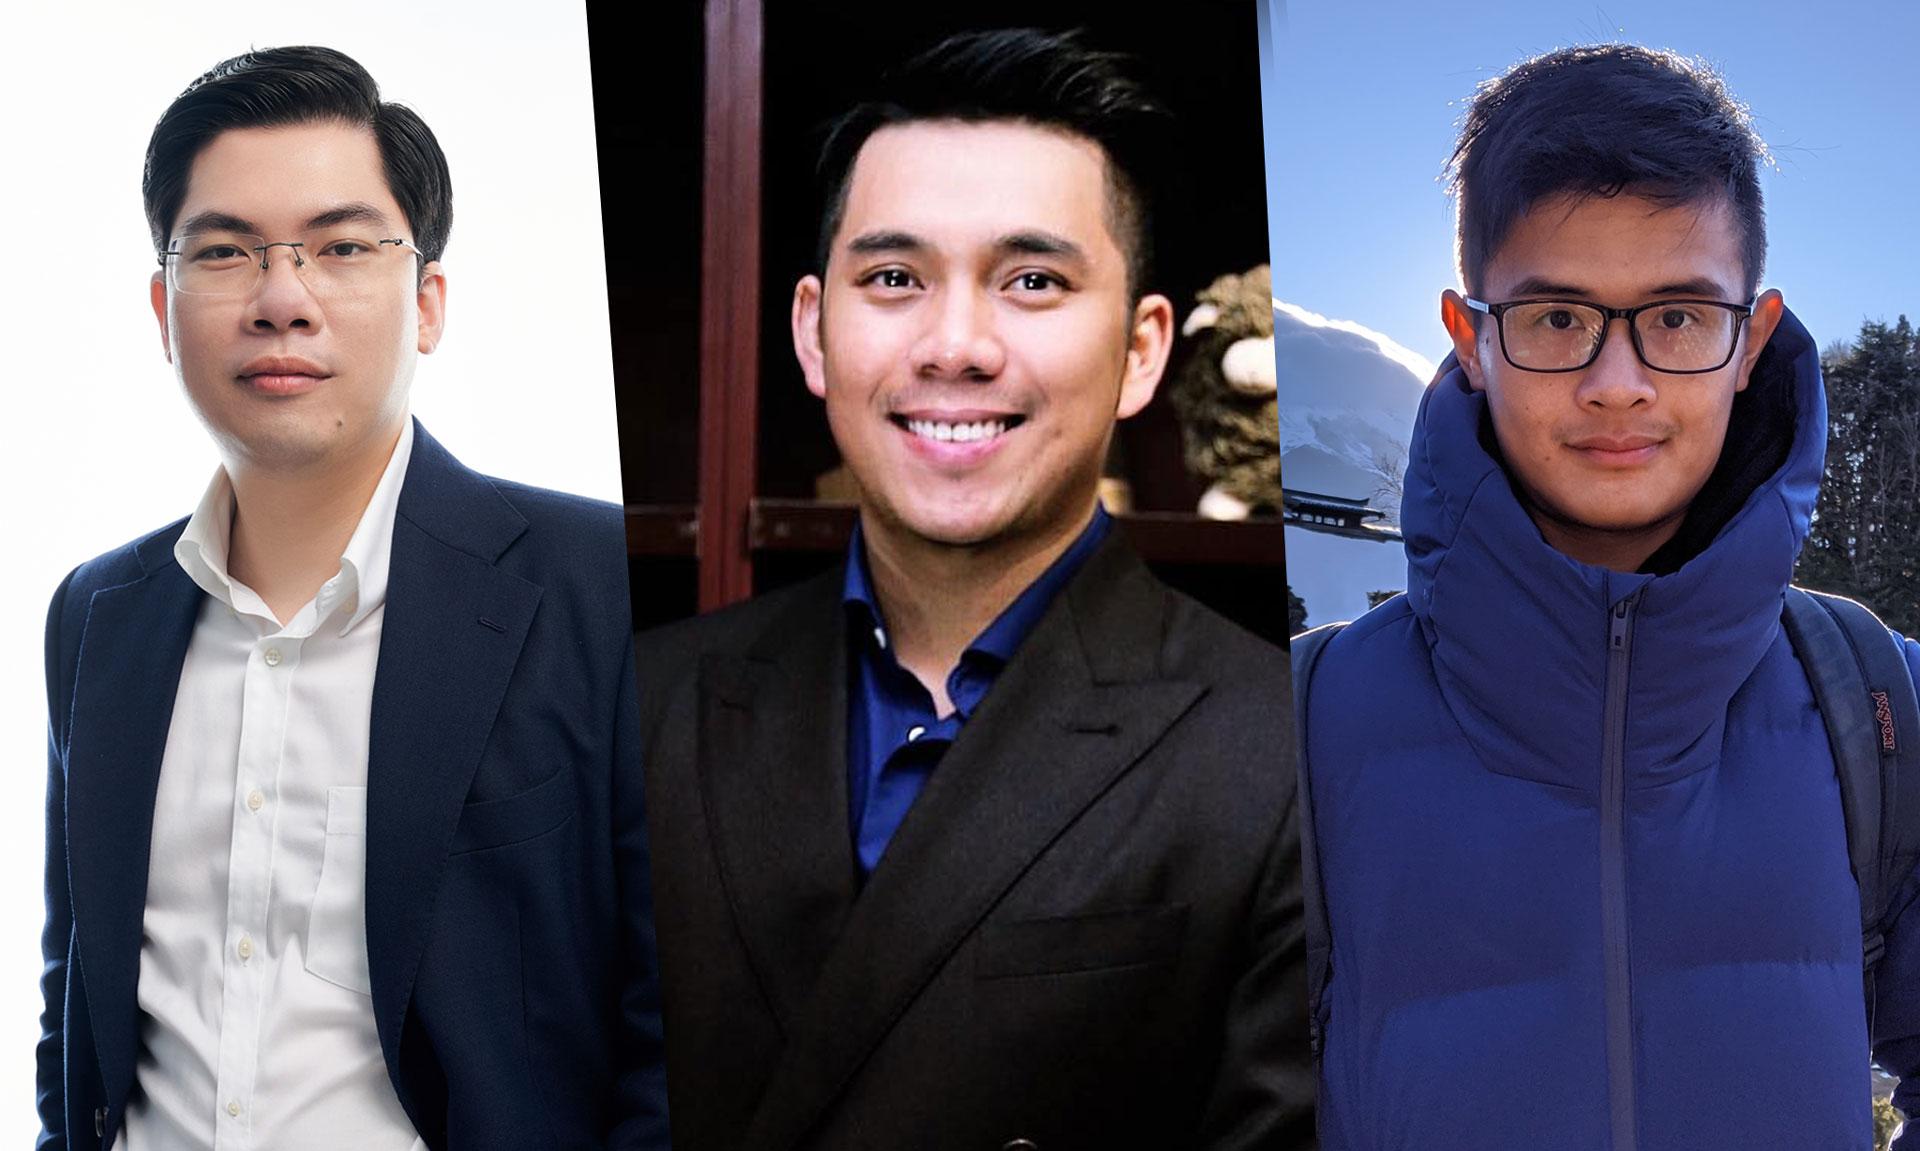 Các diễn giả của phiên CTO Talks ngày 11/6: ông Phạm Nam Long, ông Kevin Tùng Nguyễn và ông Phạm Tiến Hùng.